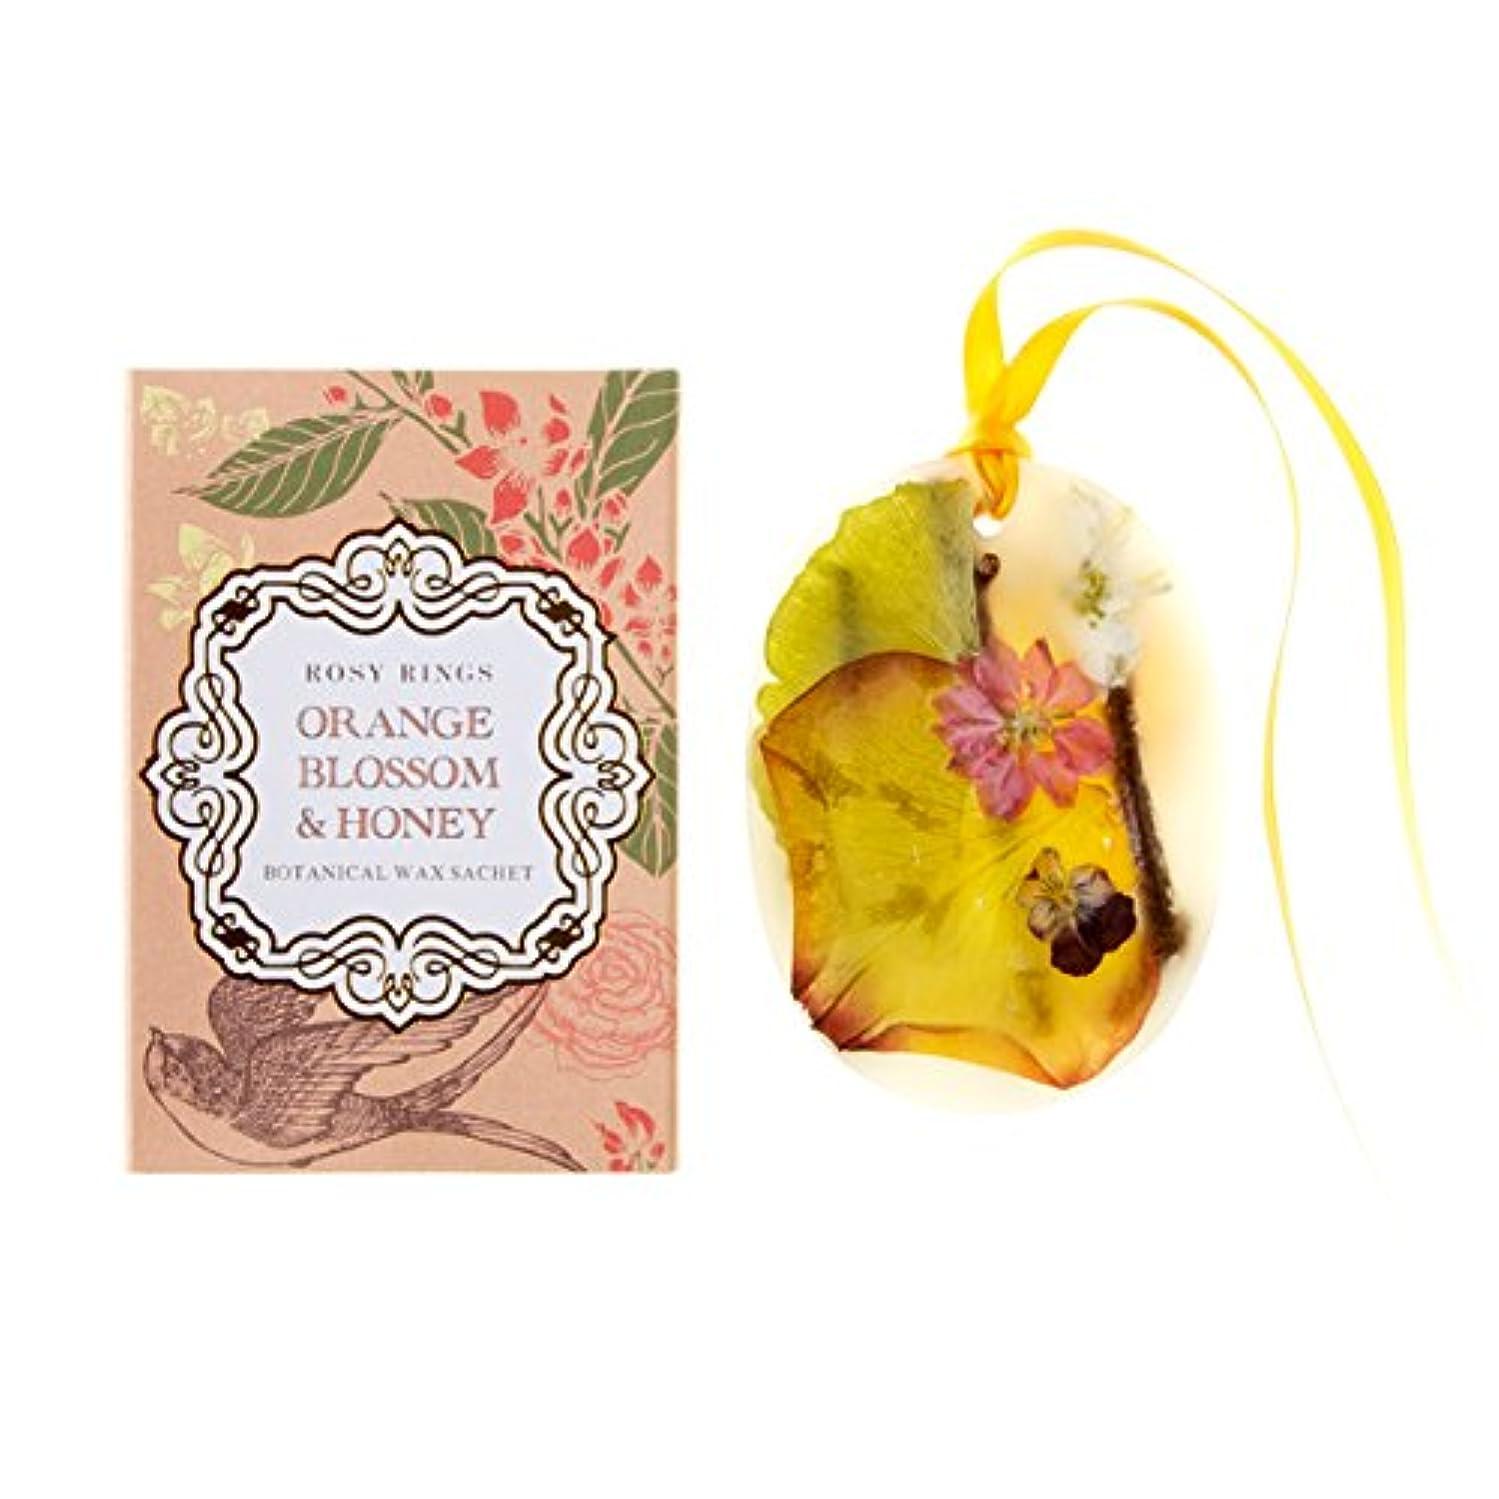 を除くメイト不適切なロージーリングス プティボタニカルサシェ オレンジブロッサム&ハニー ROSY RINGS Petite Oval Botanical Wax Sachet Orange Blossom & Honey